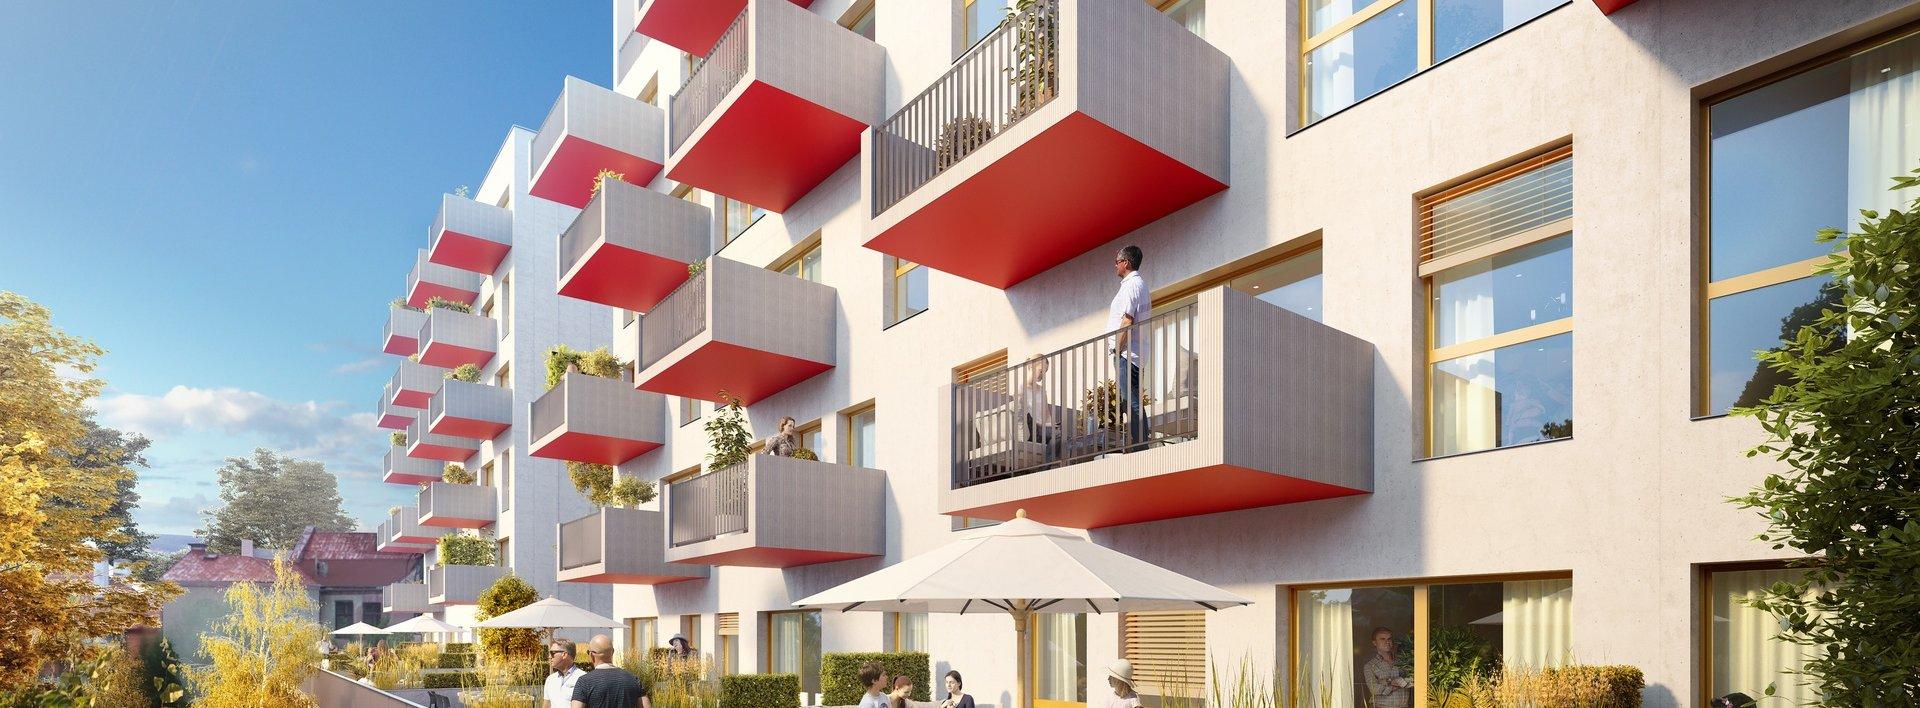 Jižní byt 3+kk v centru Liberce s prostornou terasou, Ev.č.: N48338